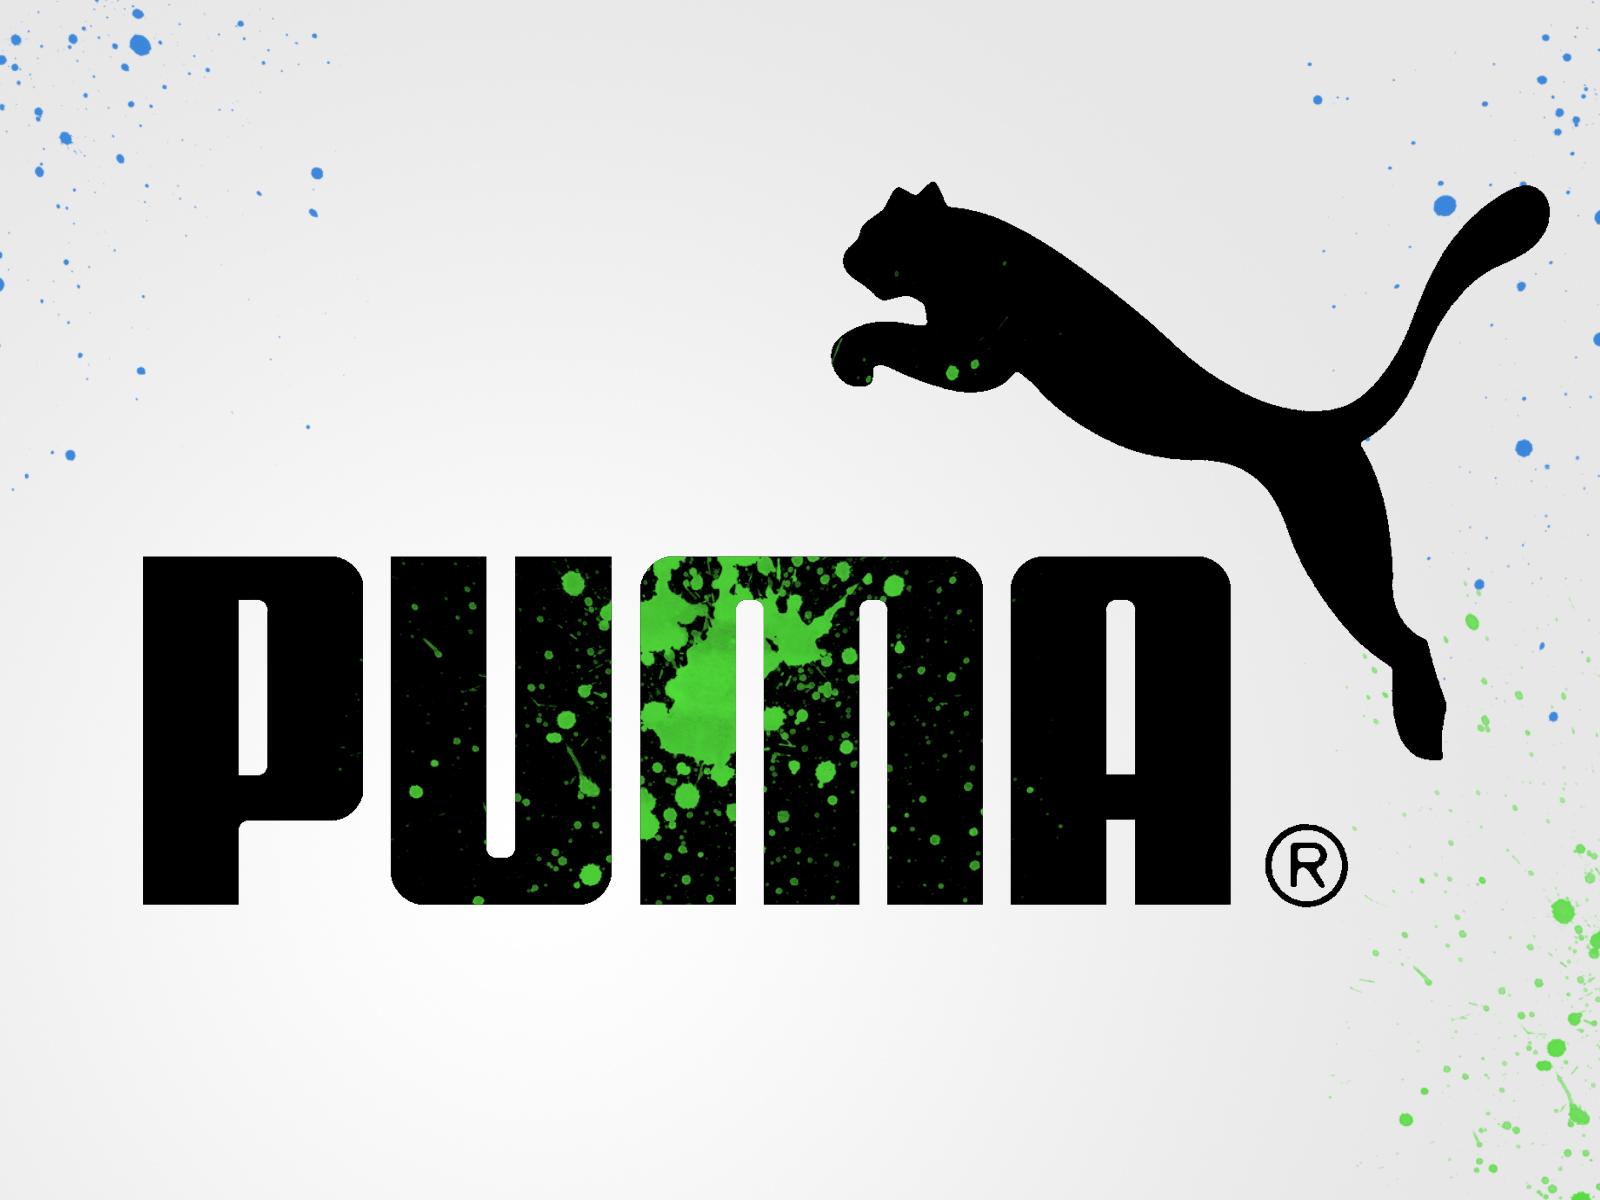 Wallpaper Puma Shoes Download Wallpaper DaWallpaperz 1600x1200